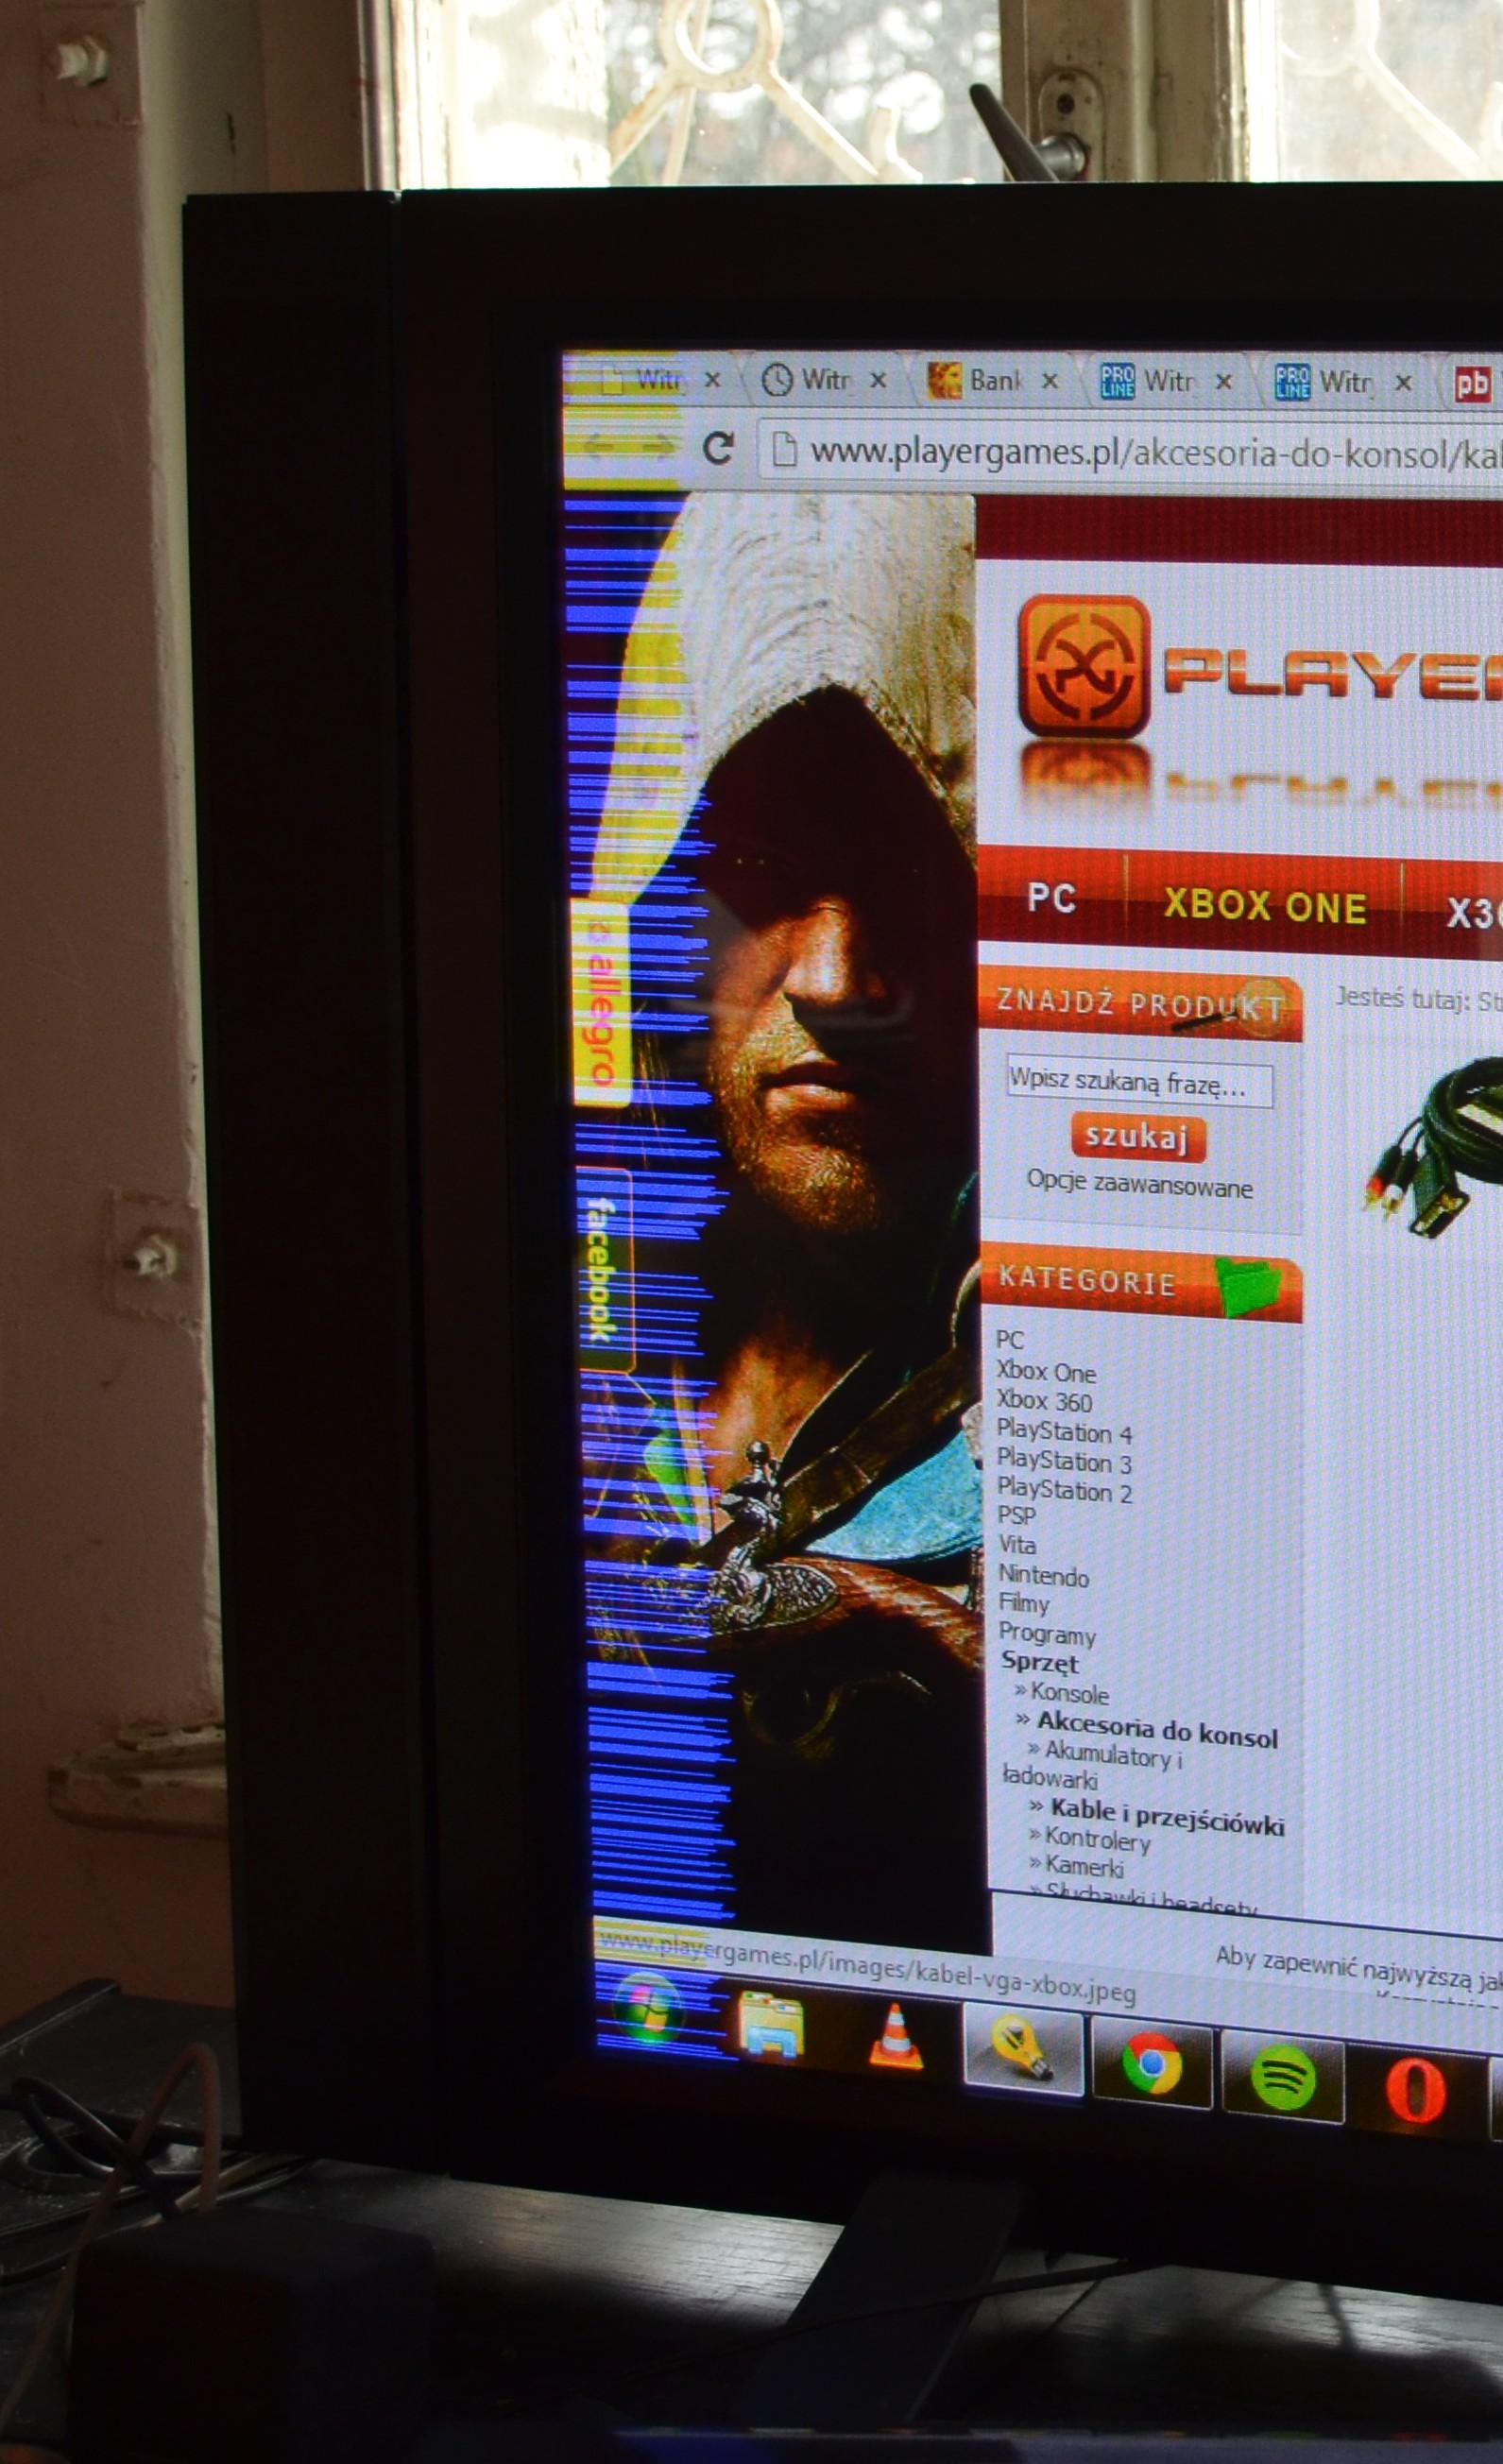 Pioneer 50MXE20  - DVI i Niebieski pasek po lewej stronie ekranu